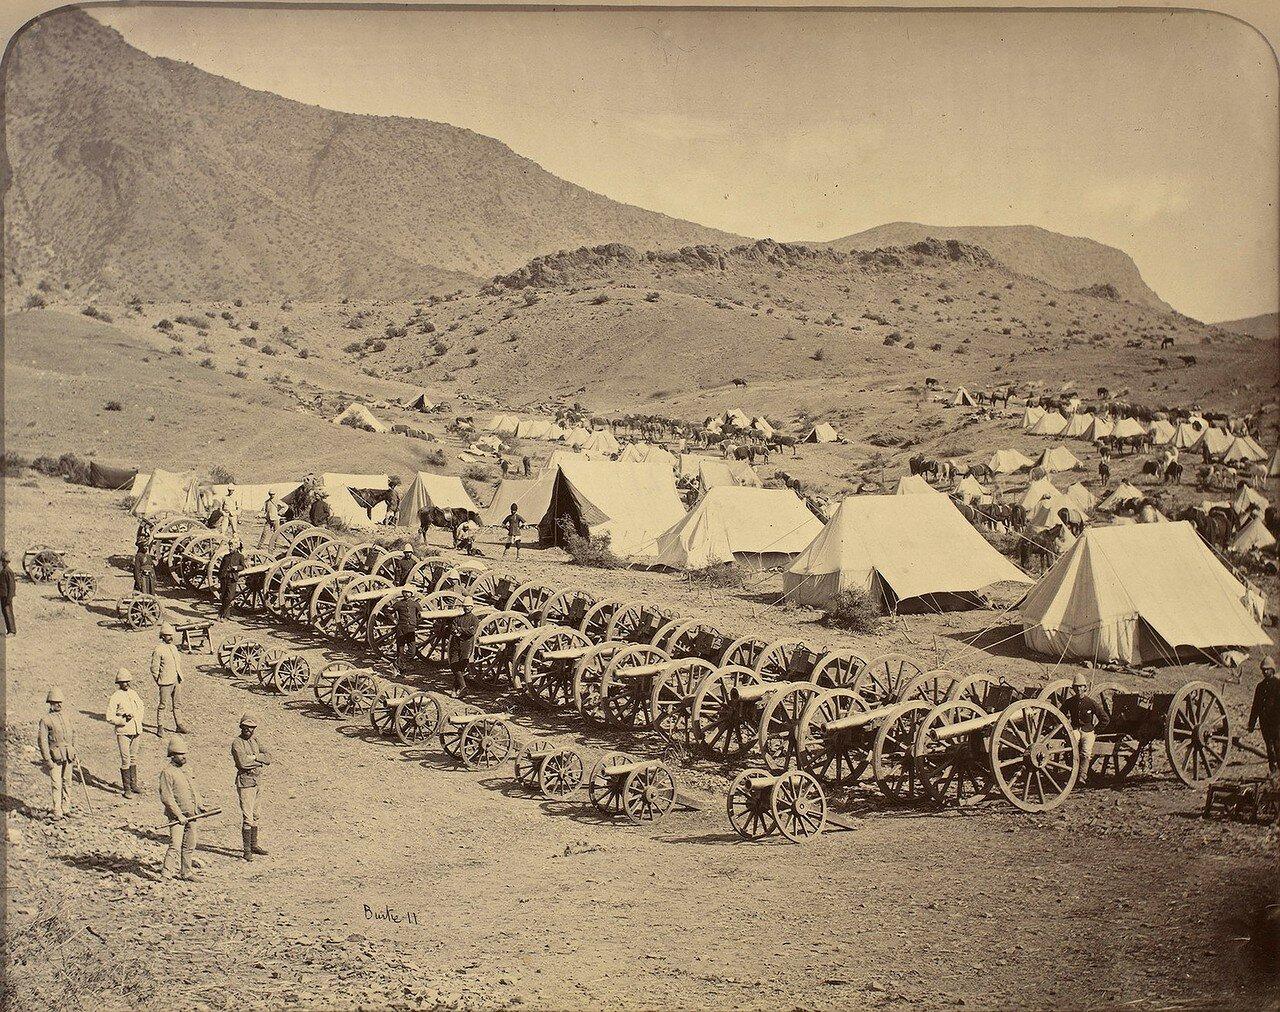 31. Артиллерийские орудия, захваченные британскими войсками в битве у Али Масджида